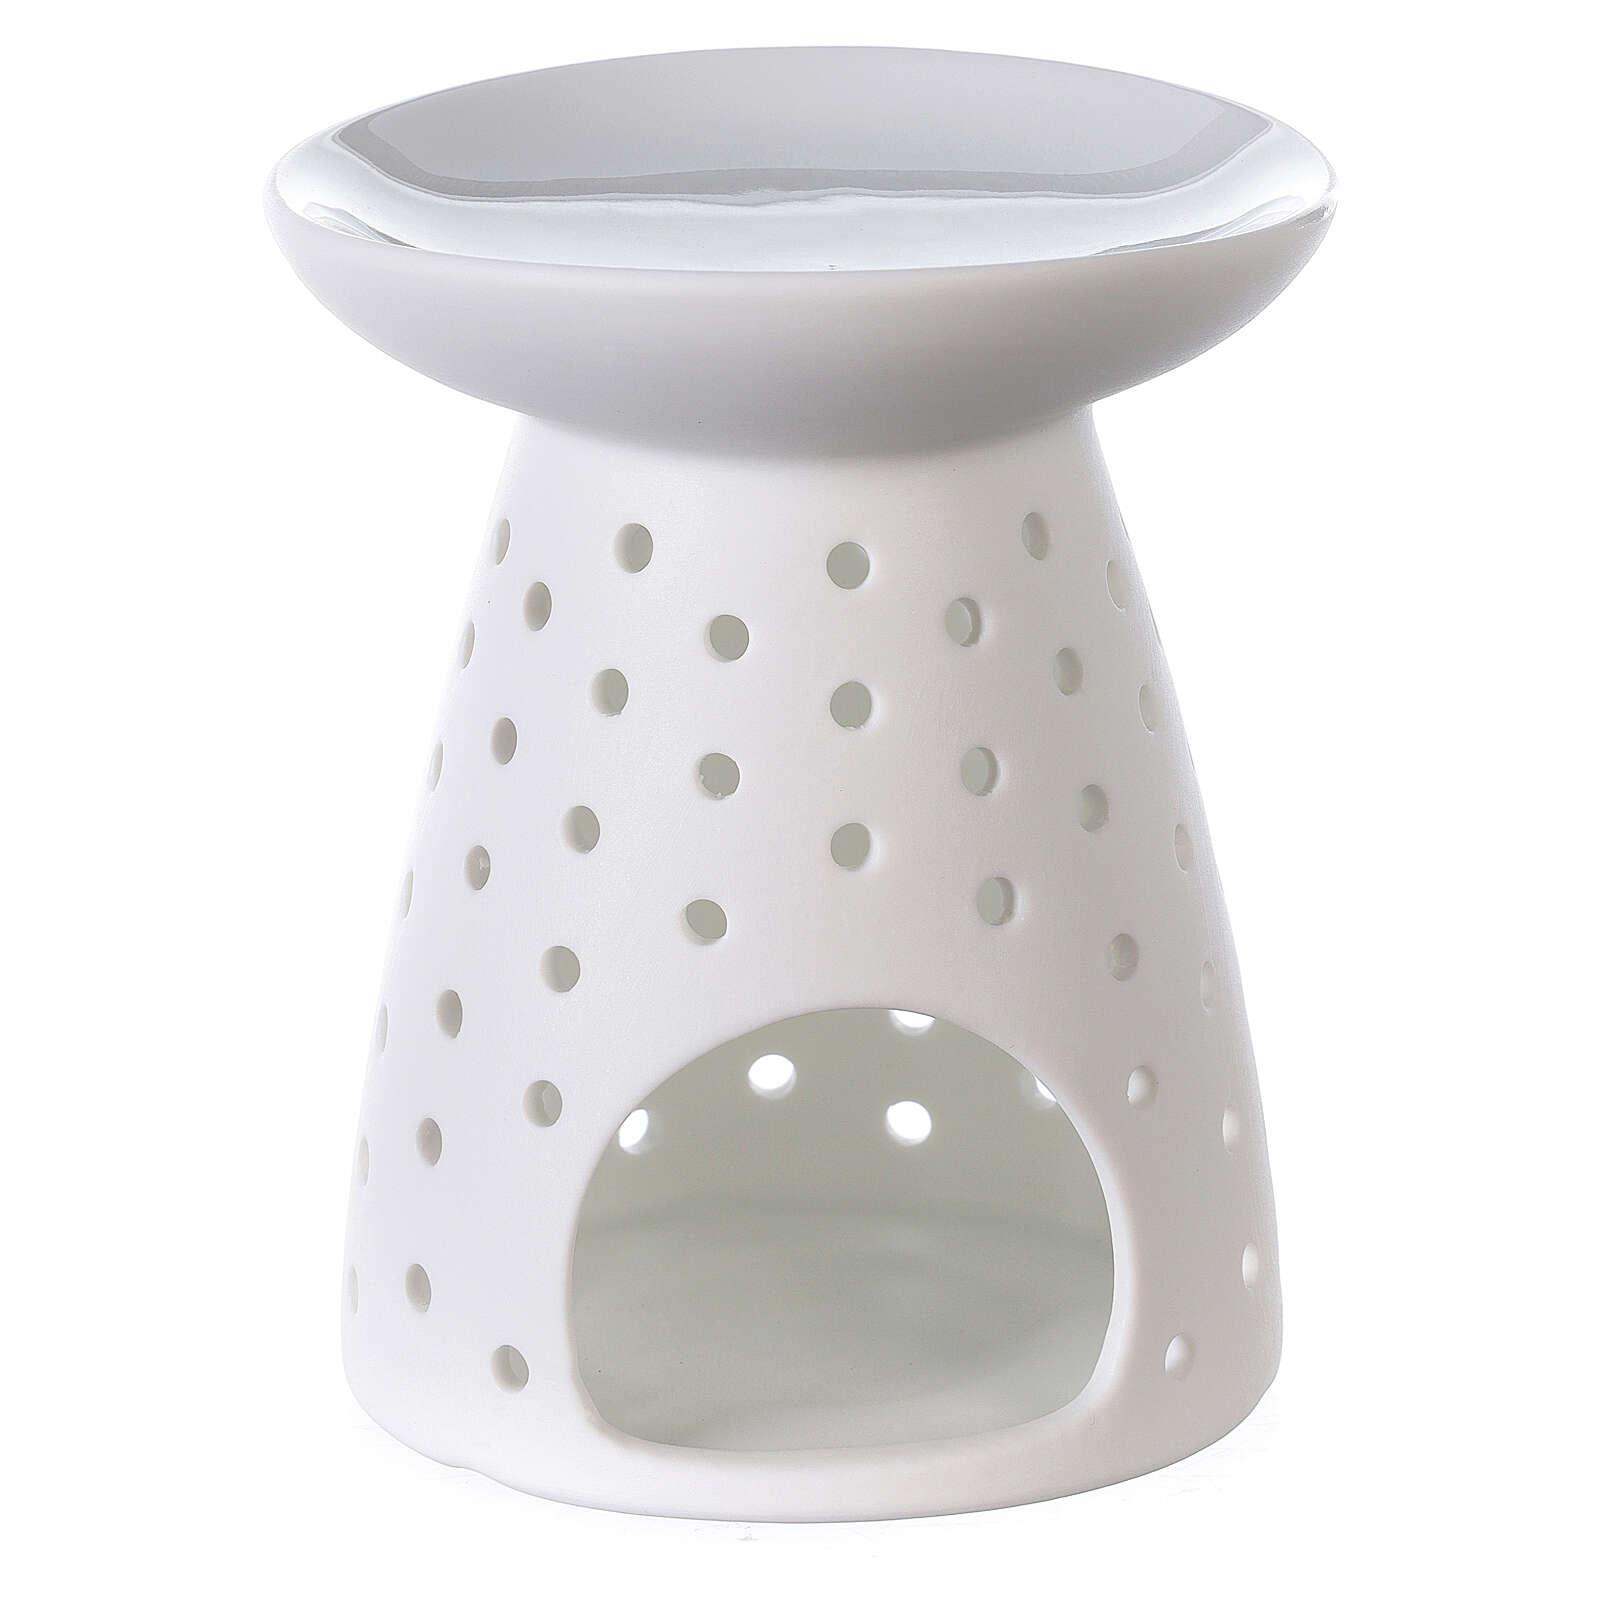 Diffusore bianco in porcellana con forellini 10x12 cm  3